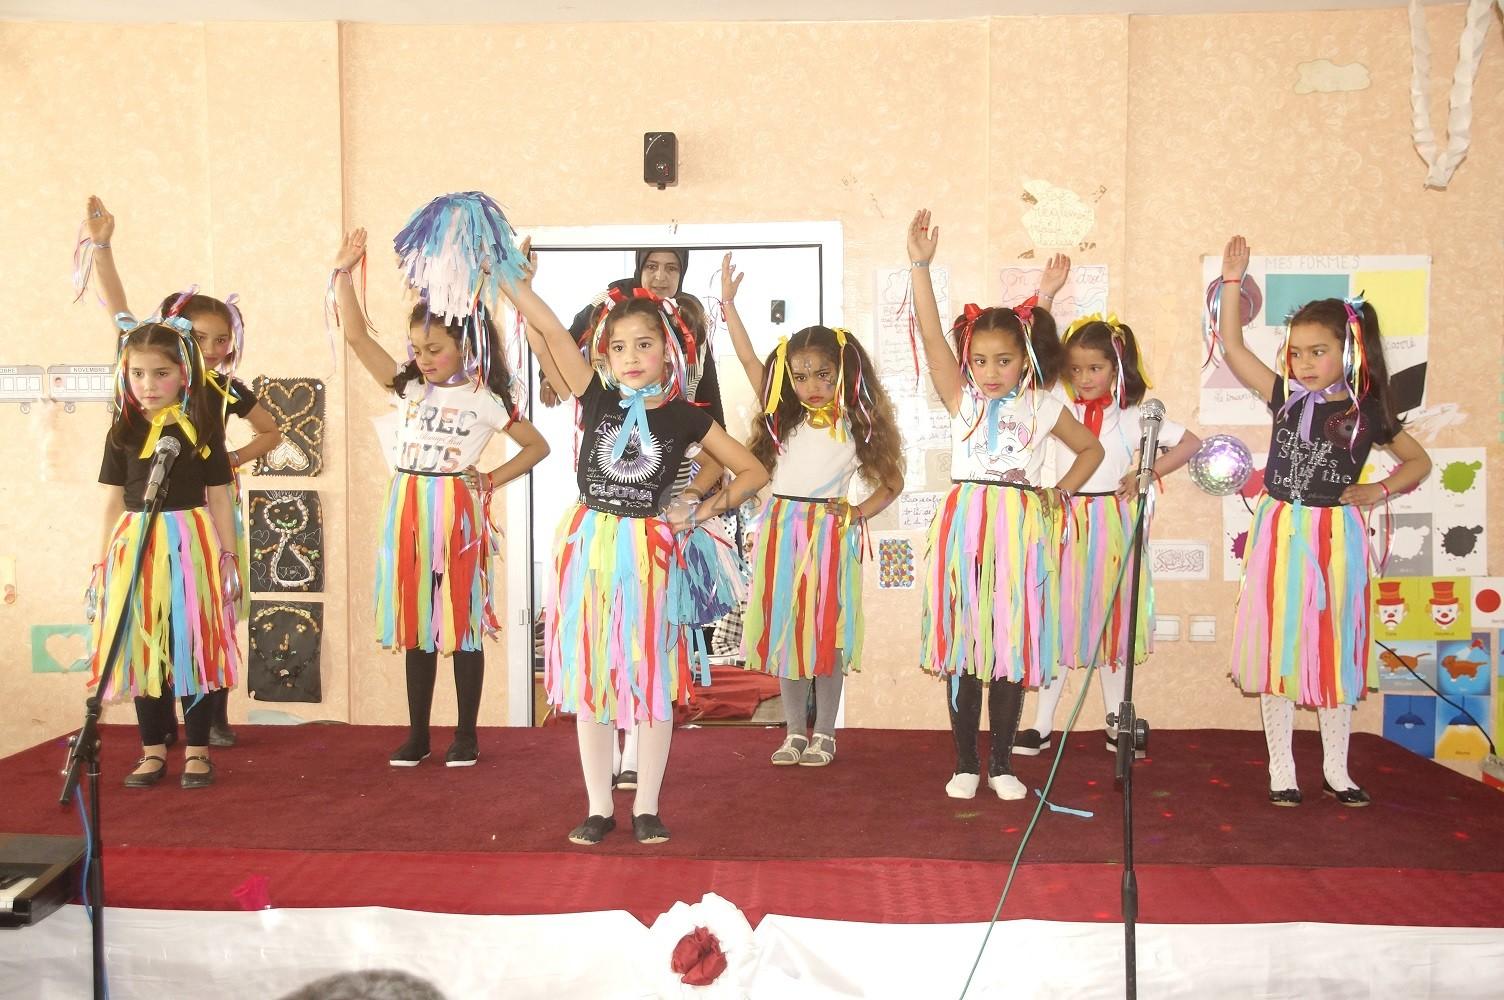 بالصور.. مجموعة مدارس أم الربيع الخصوصية بالجديدة تحتفل بعيد الأم